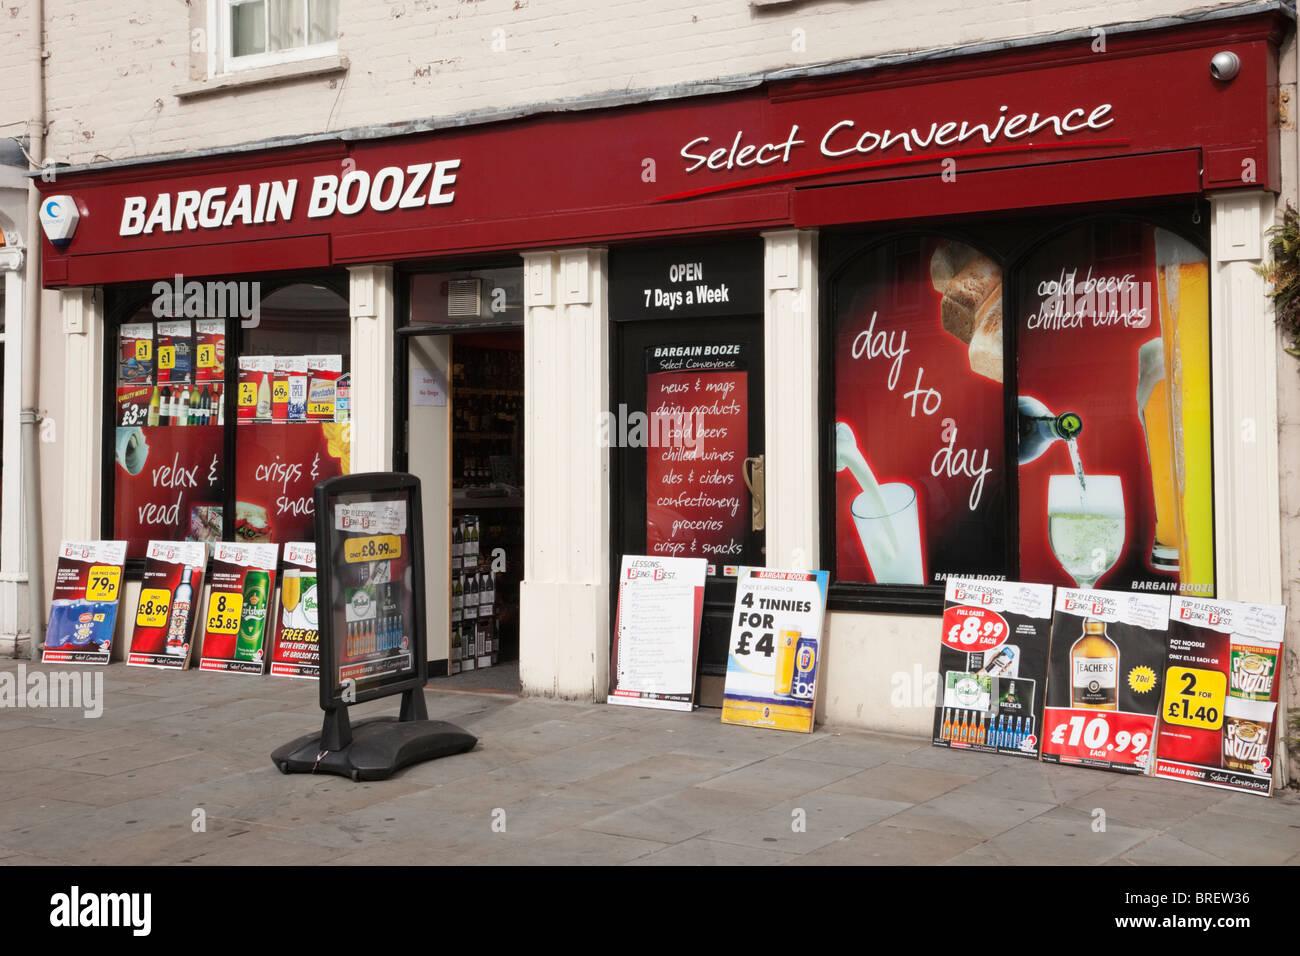 UK, Europa. Schnäppchen Schnaps Shop Frontscheibe mit Anzeigen für billigen Alkohol Stockbild